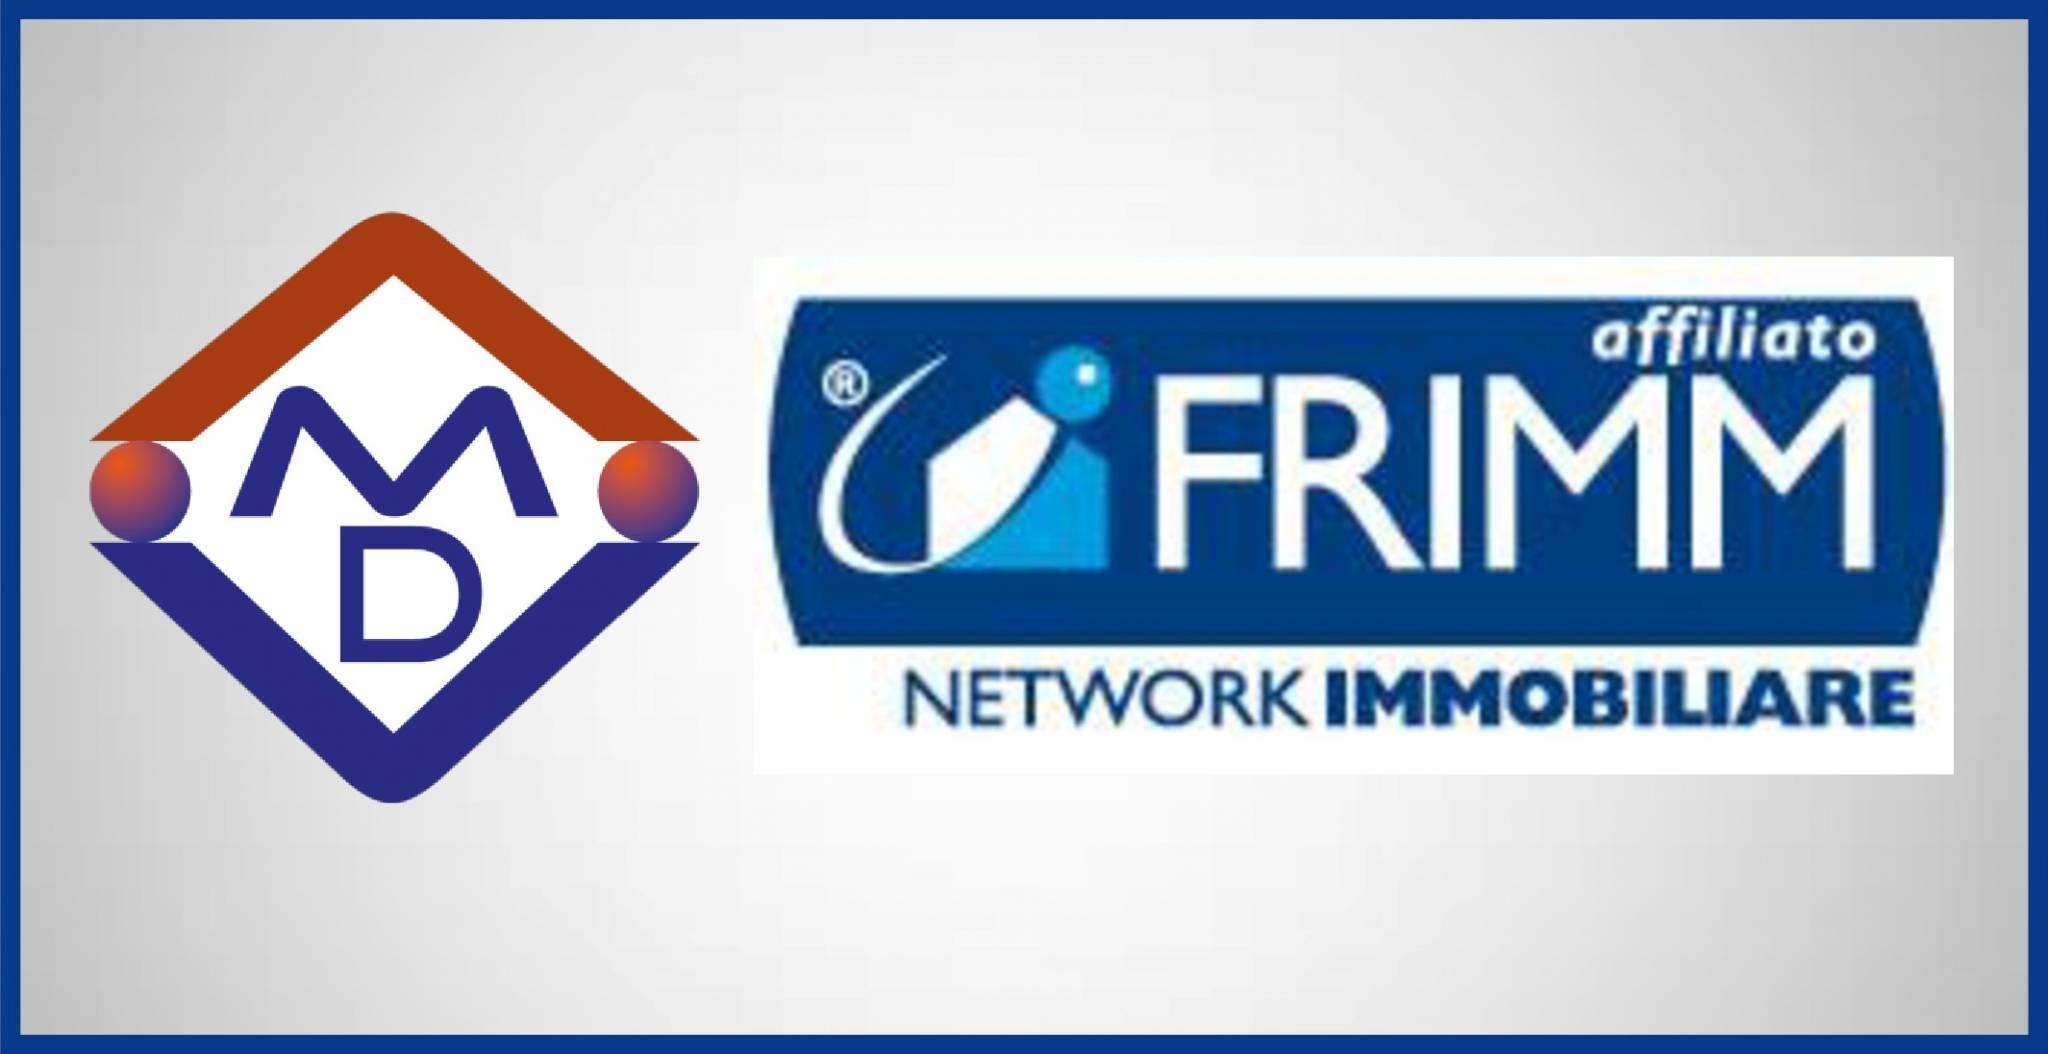 MDV IMMOBILIARE (AFFILIATO FRIMM Network immobiliare) di Di Vietri Michele